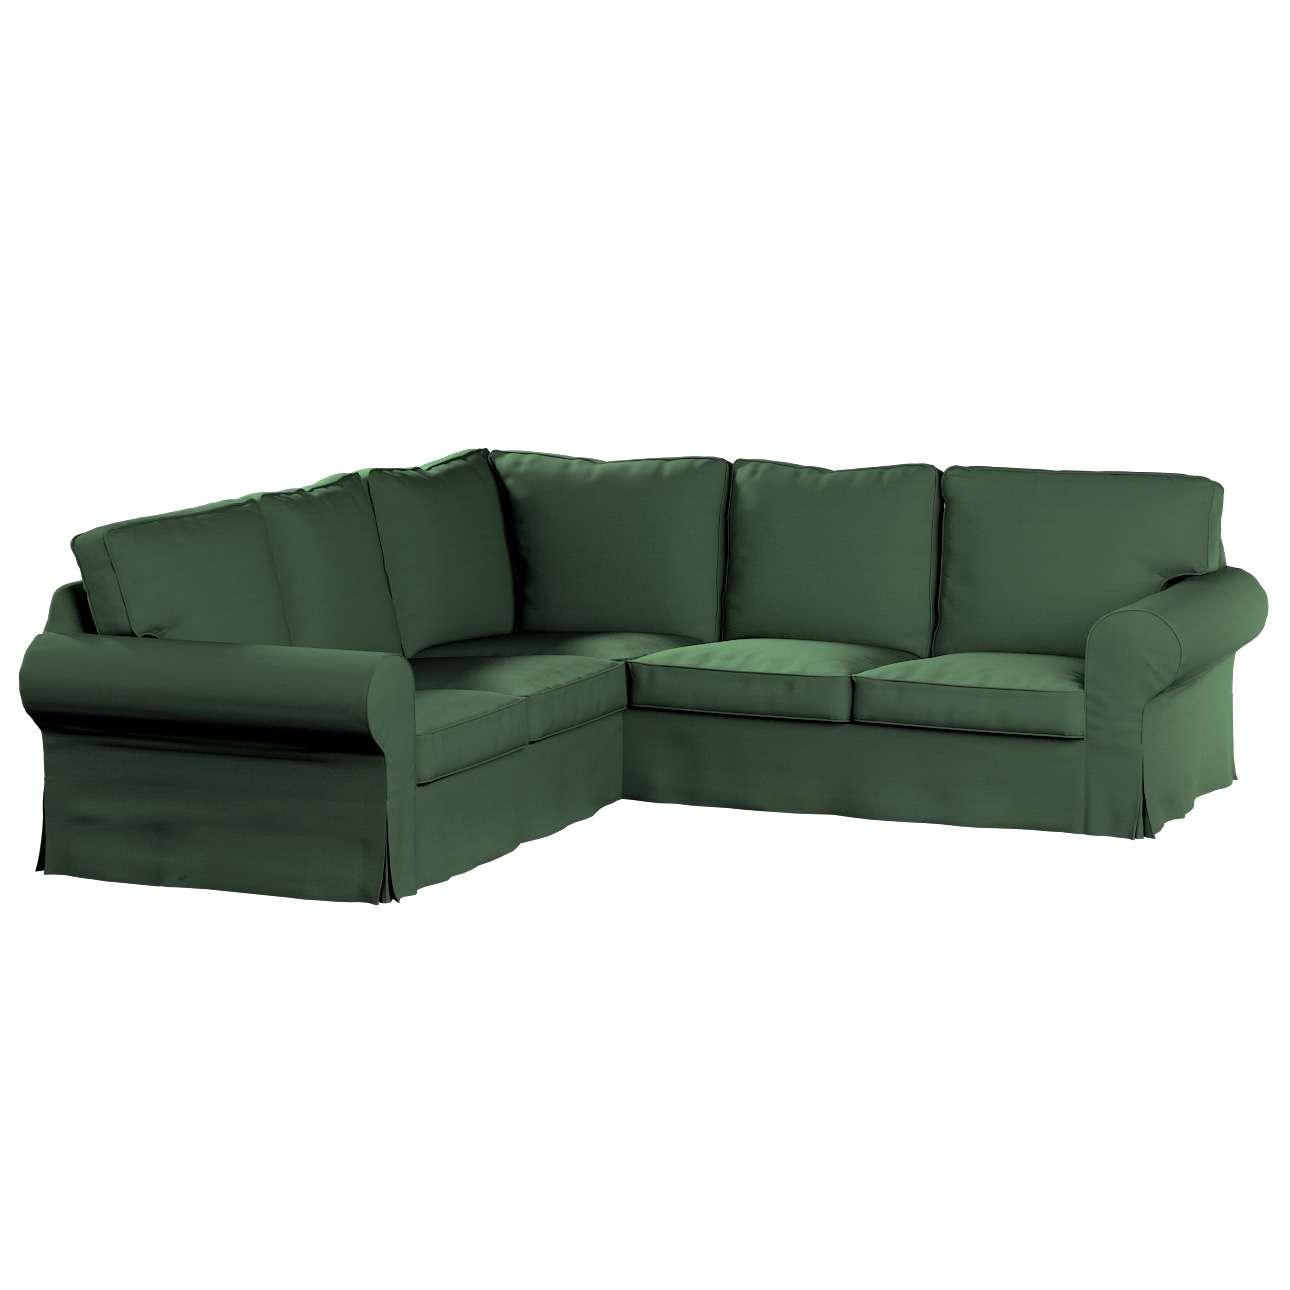 Ektorp kampinė sofa Ektorp kampinė sofa kolekcijoje Cotton Panama, audinys: 702-06